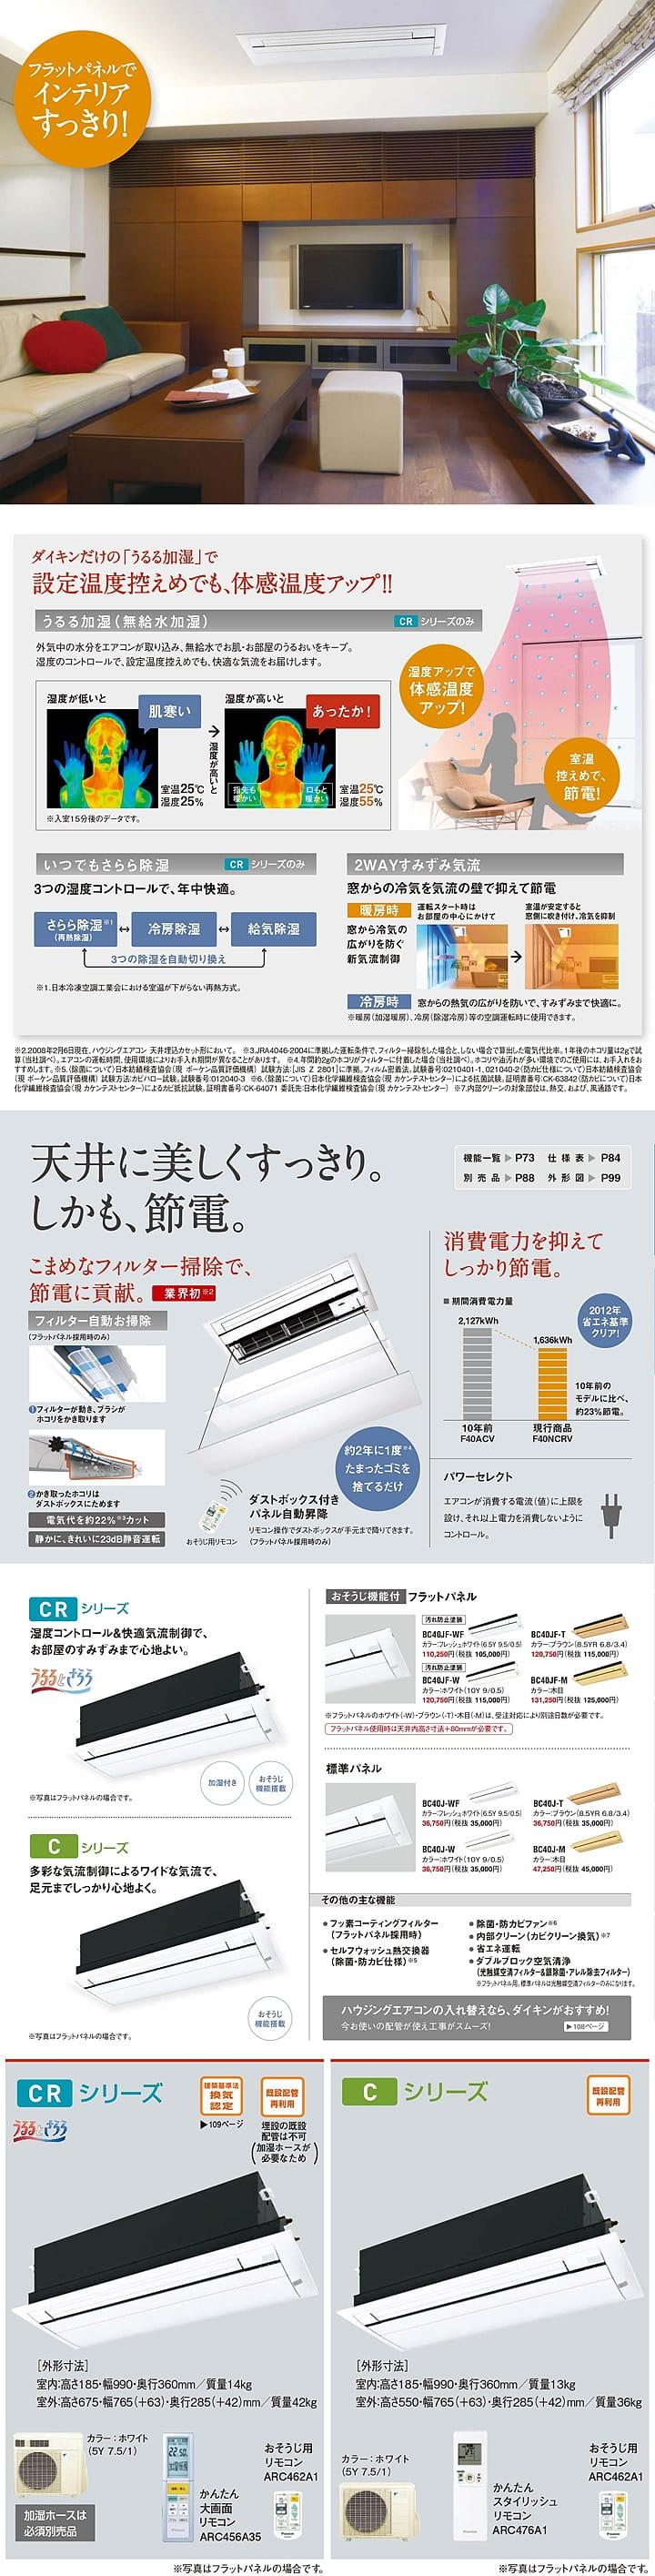 ダイキン S63RCRV-cleaner ハウジングエアコン